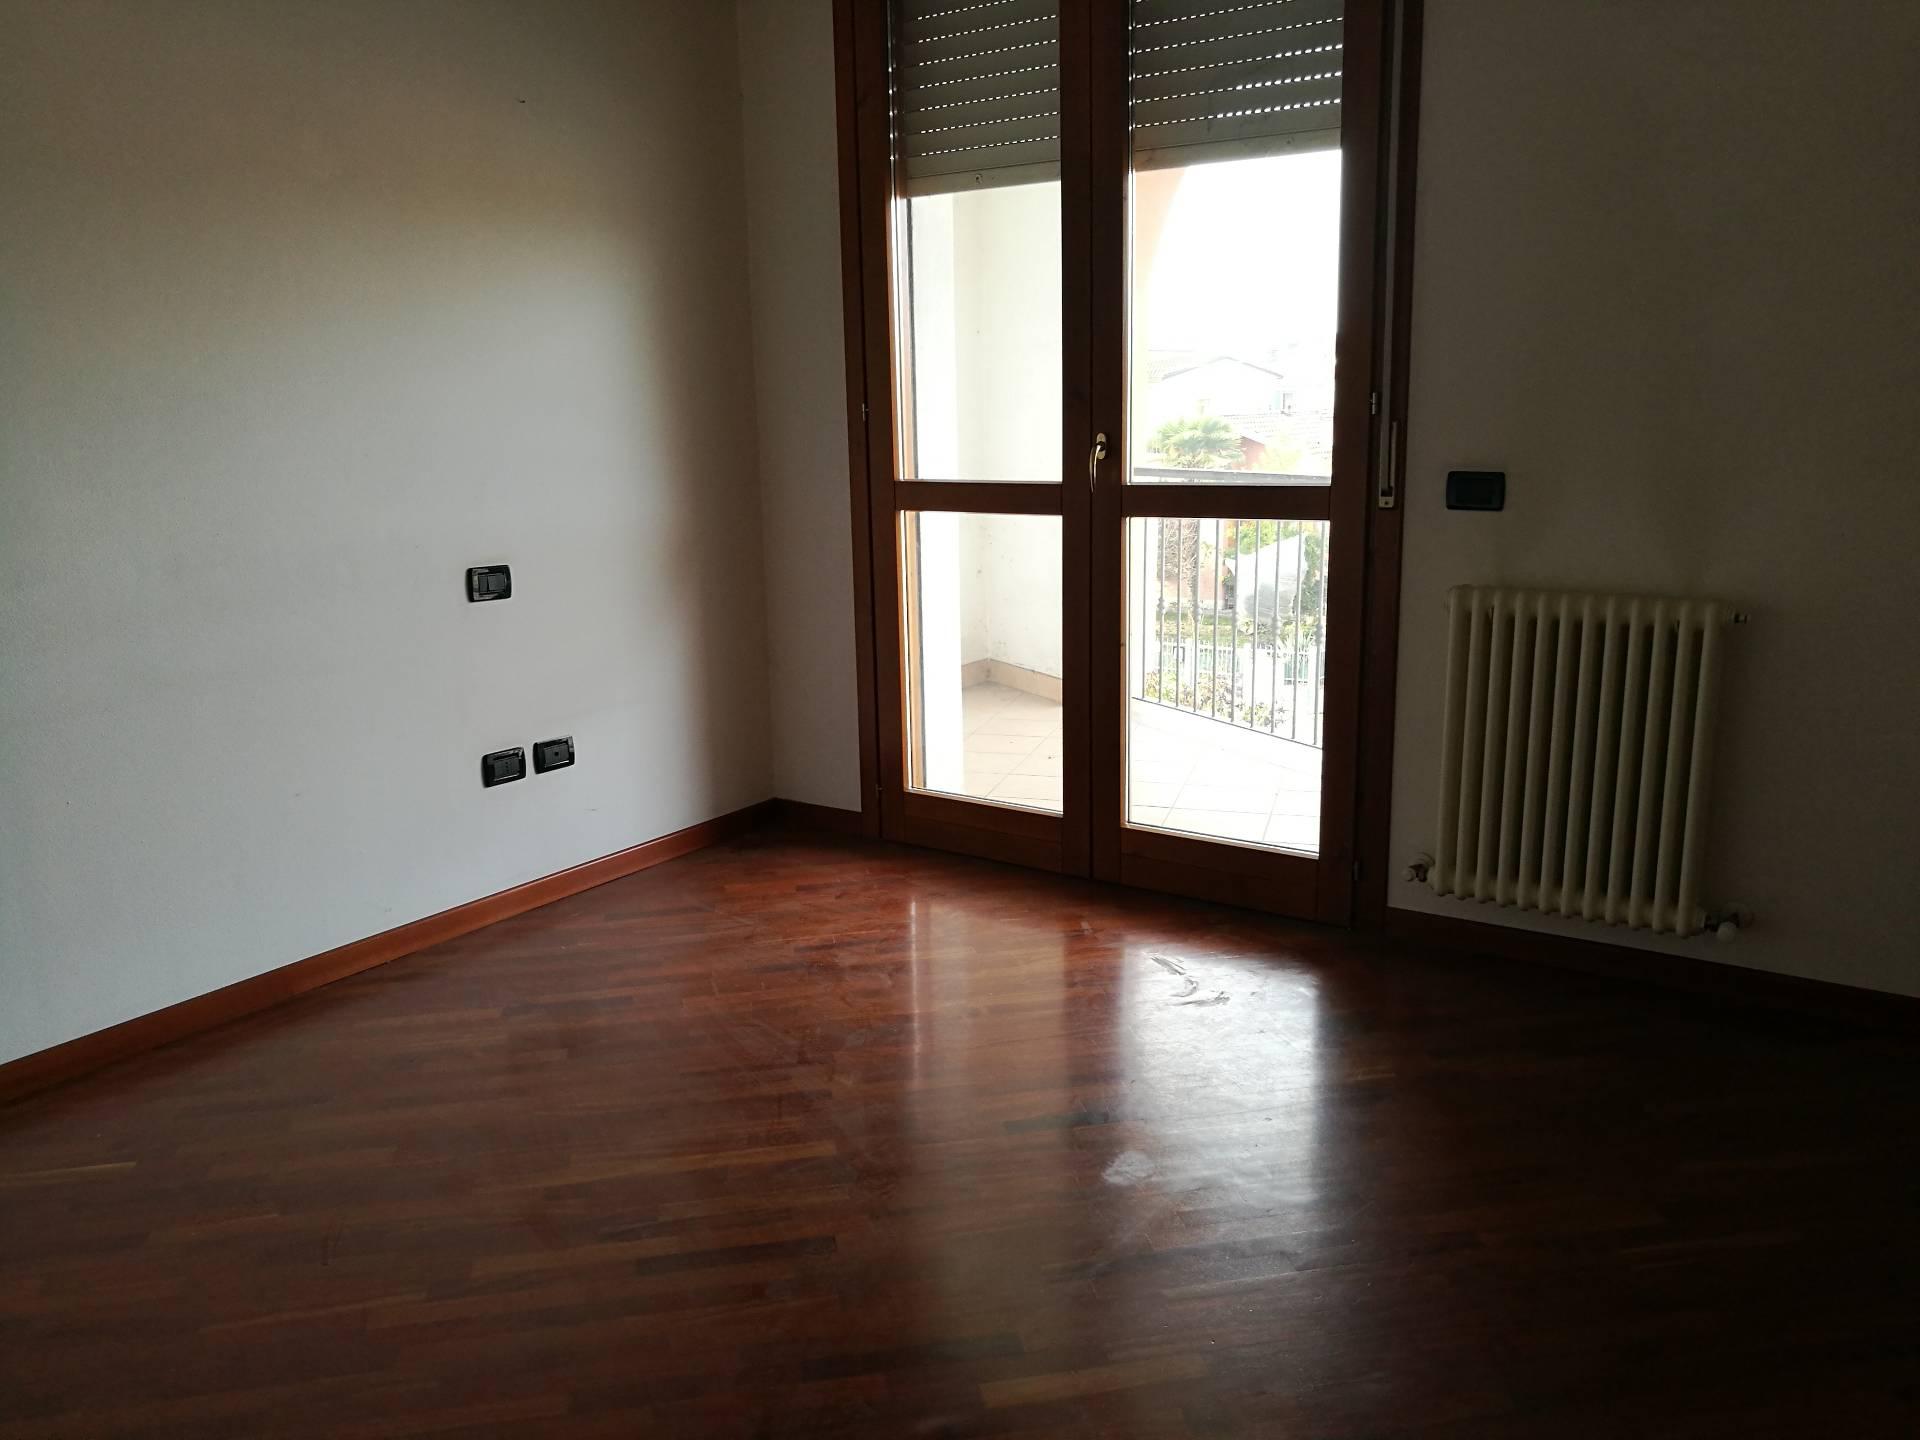 Villa in affitto a Cotignola, 5 locali, prezzo € 520 | CambioCasa.it